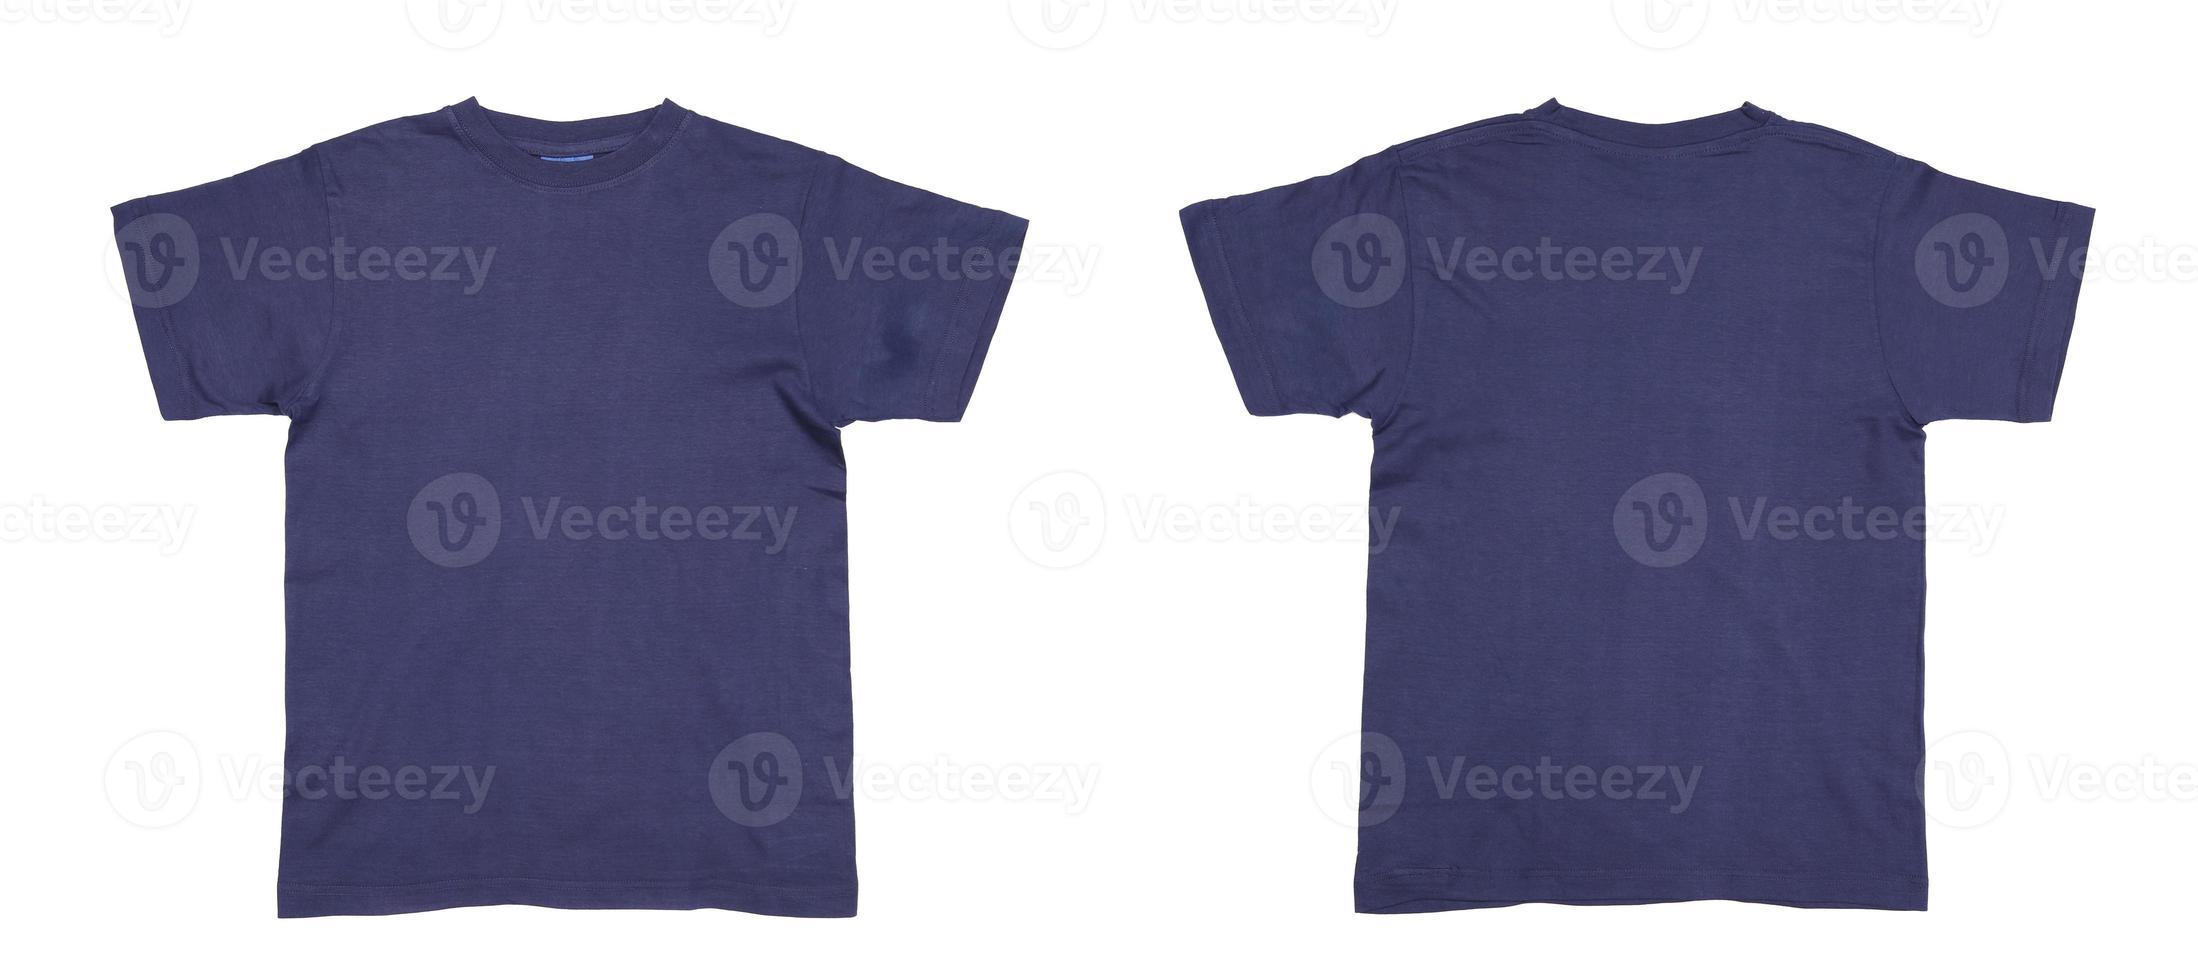 framsidan och baksidan av en blå herr-t-shirt foto